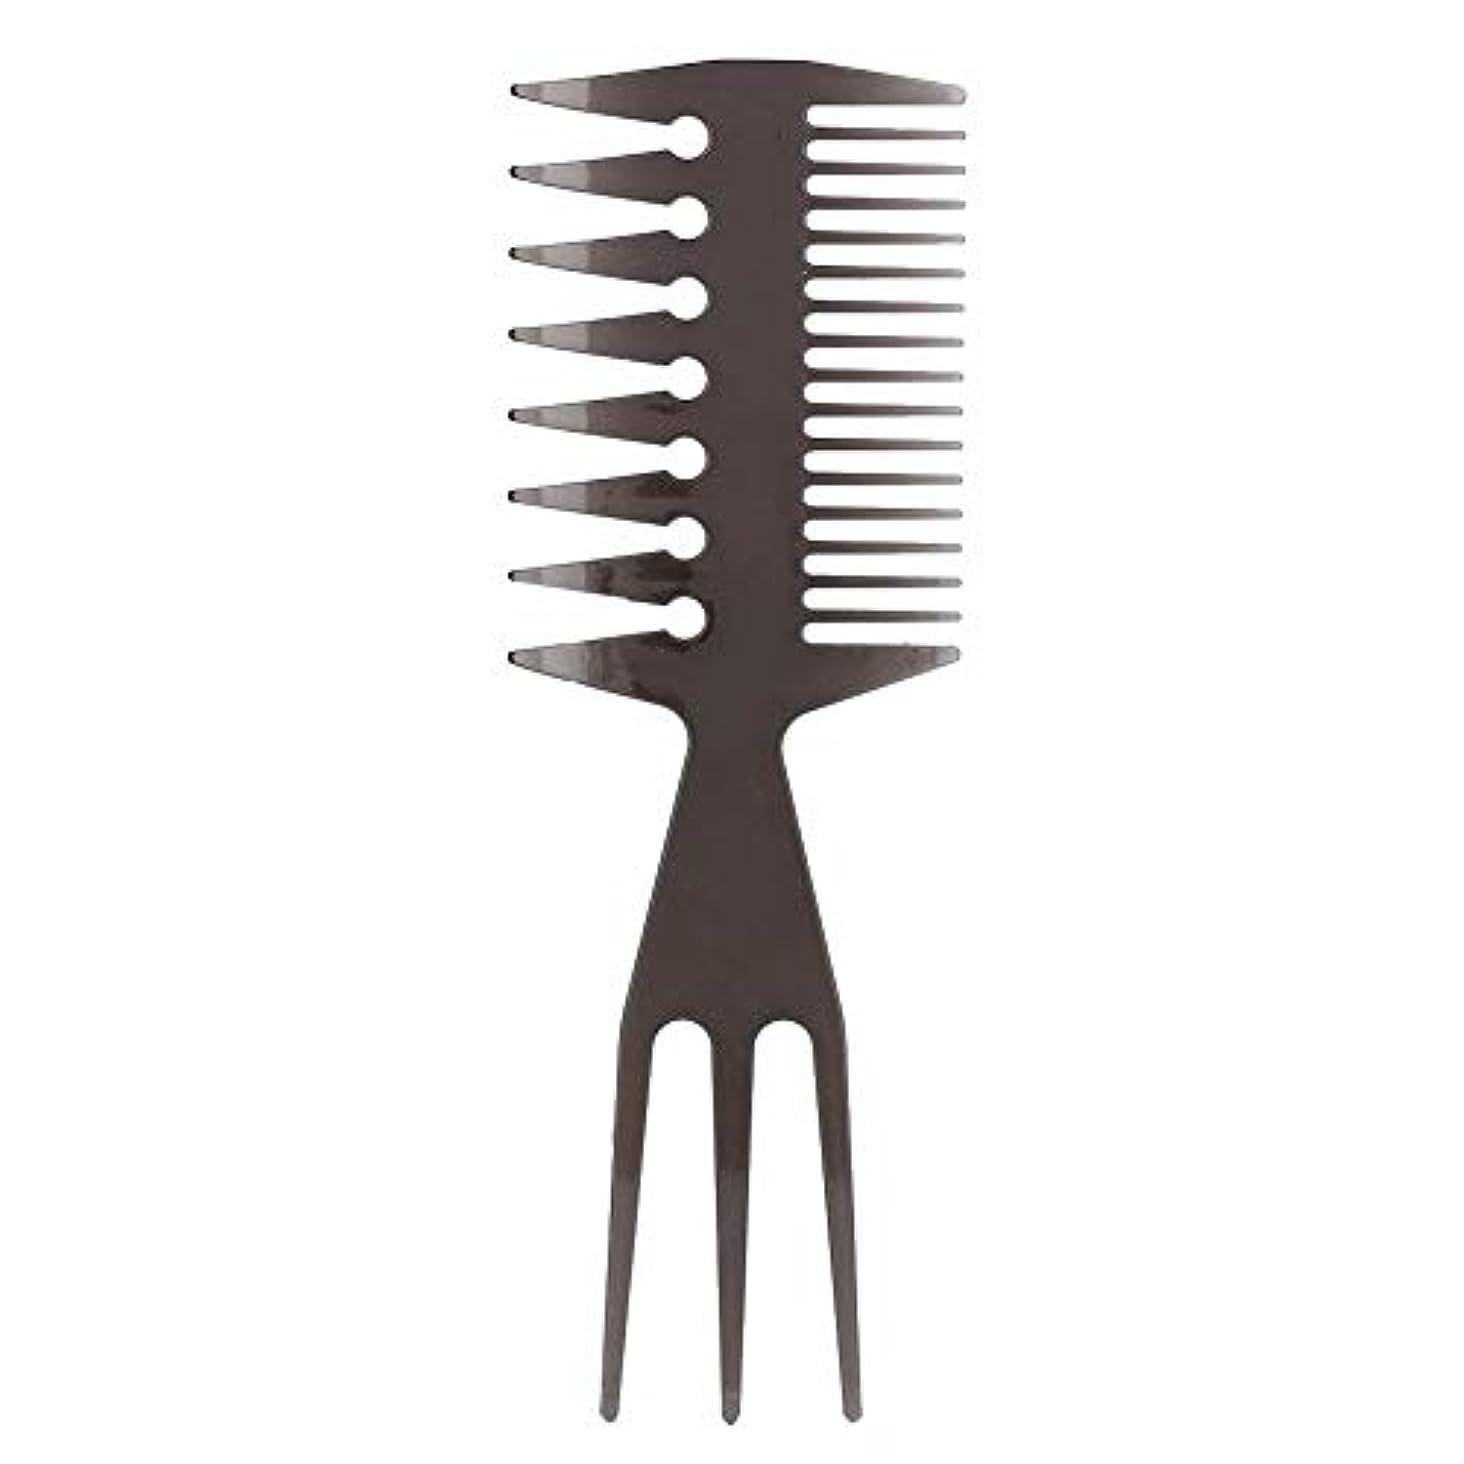 八百屋好戦的などこにも理髪櫛、ポータブルオイルヘッド髪型櫛広い大きな歯ロングハンドル髪型櫛用男性サロン家庭用ツール(2#)